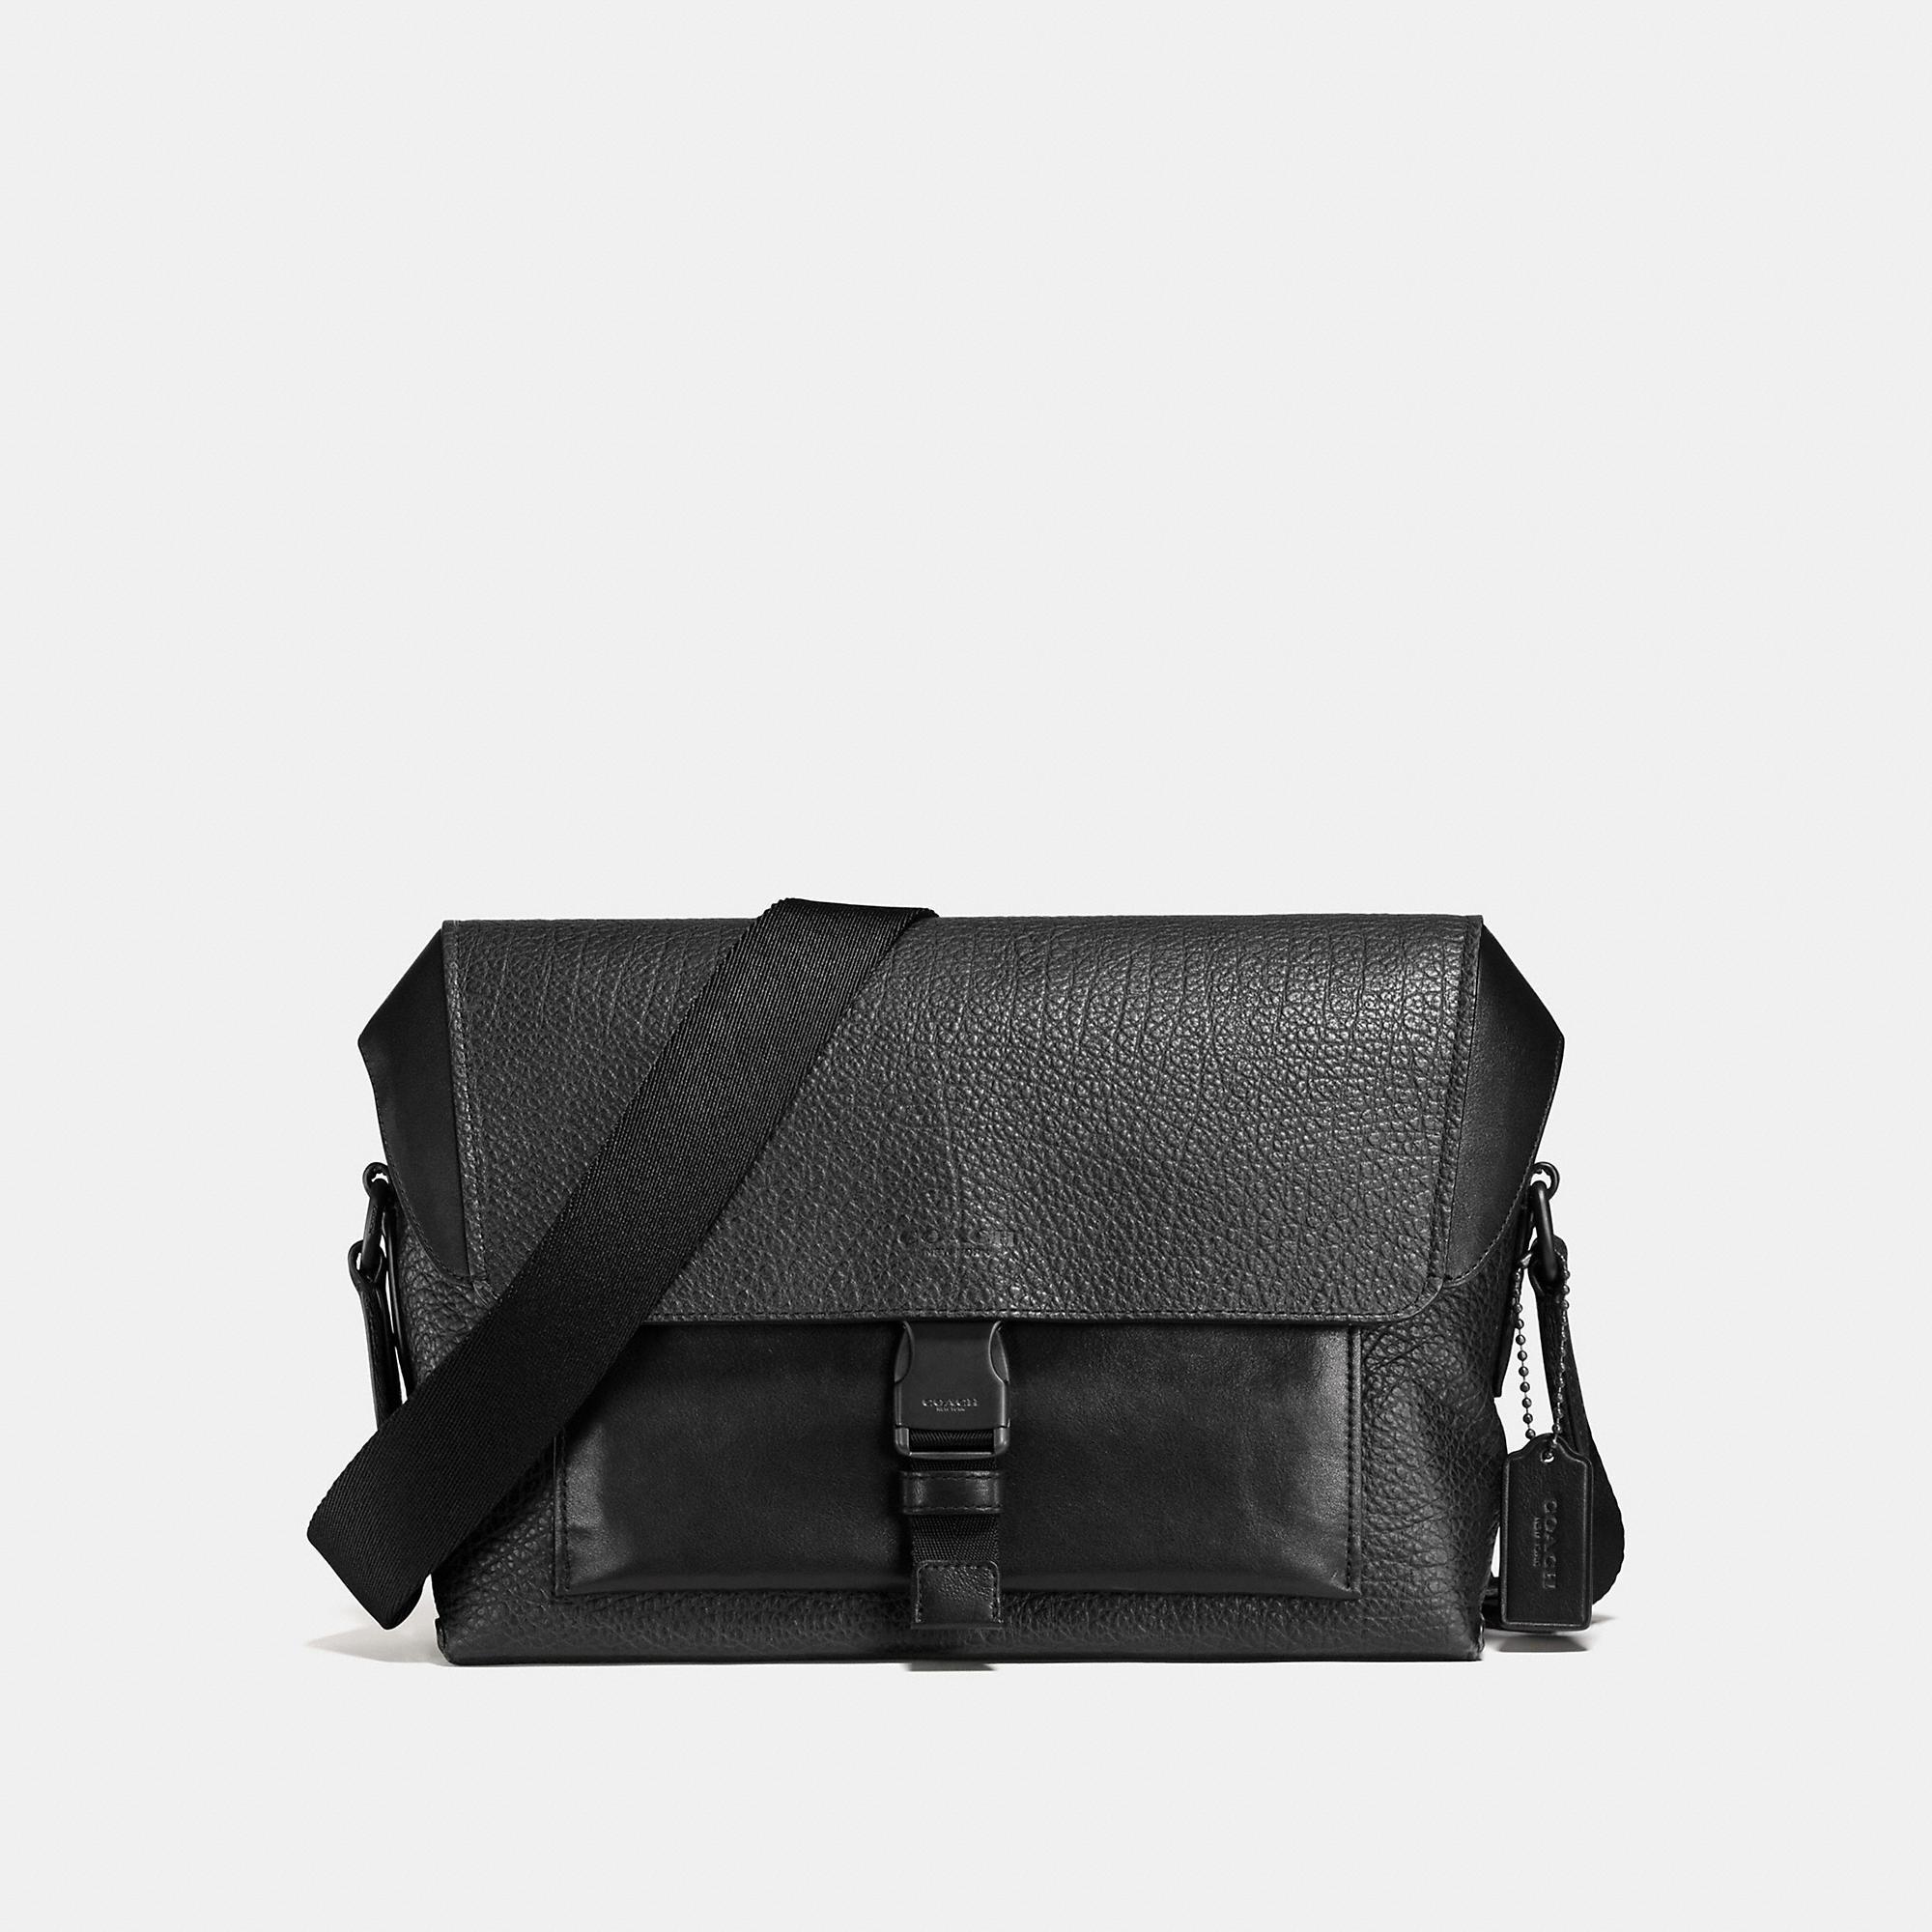 Coach Manhattan Bike Bag In Black/black